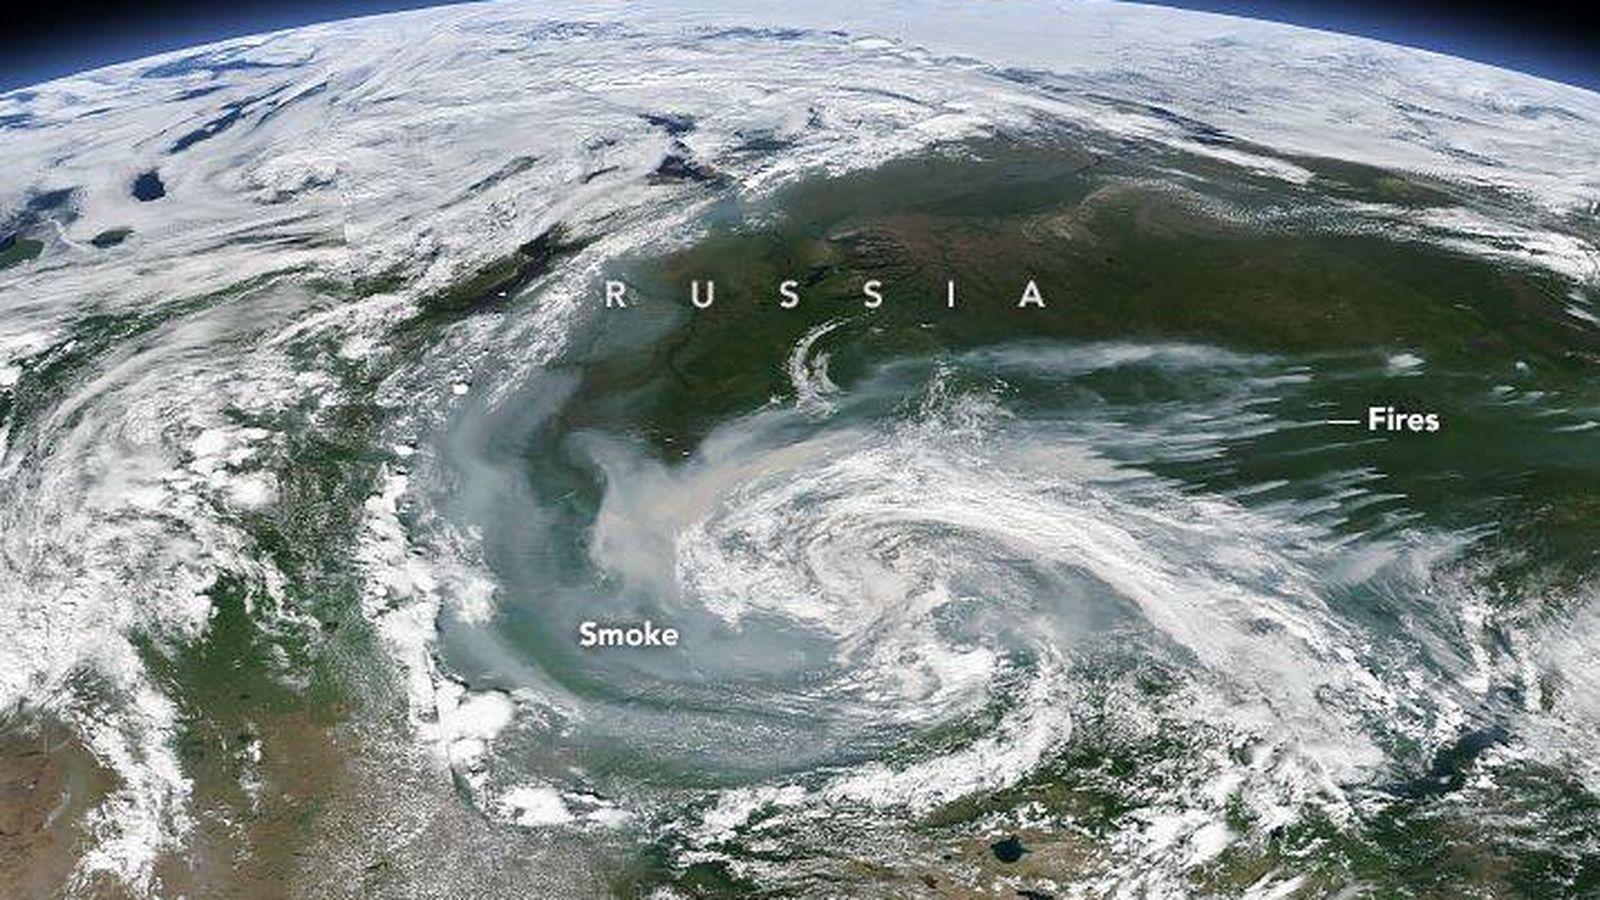 Foto: Vista de los incendios forestales en Rusia (NASA Earth Observatory)